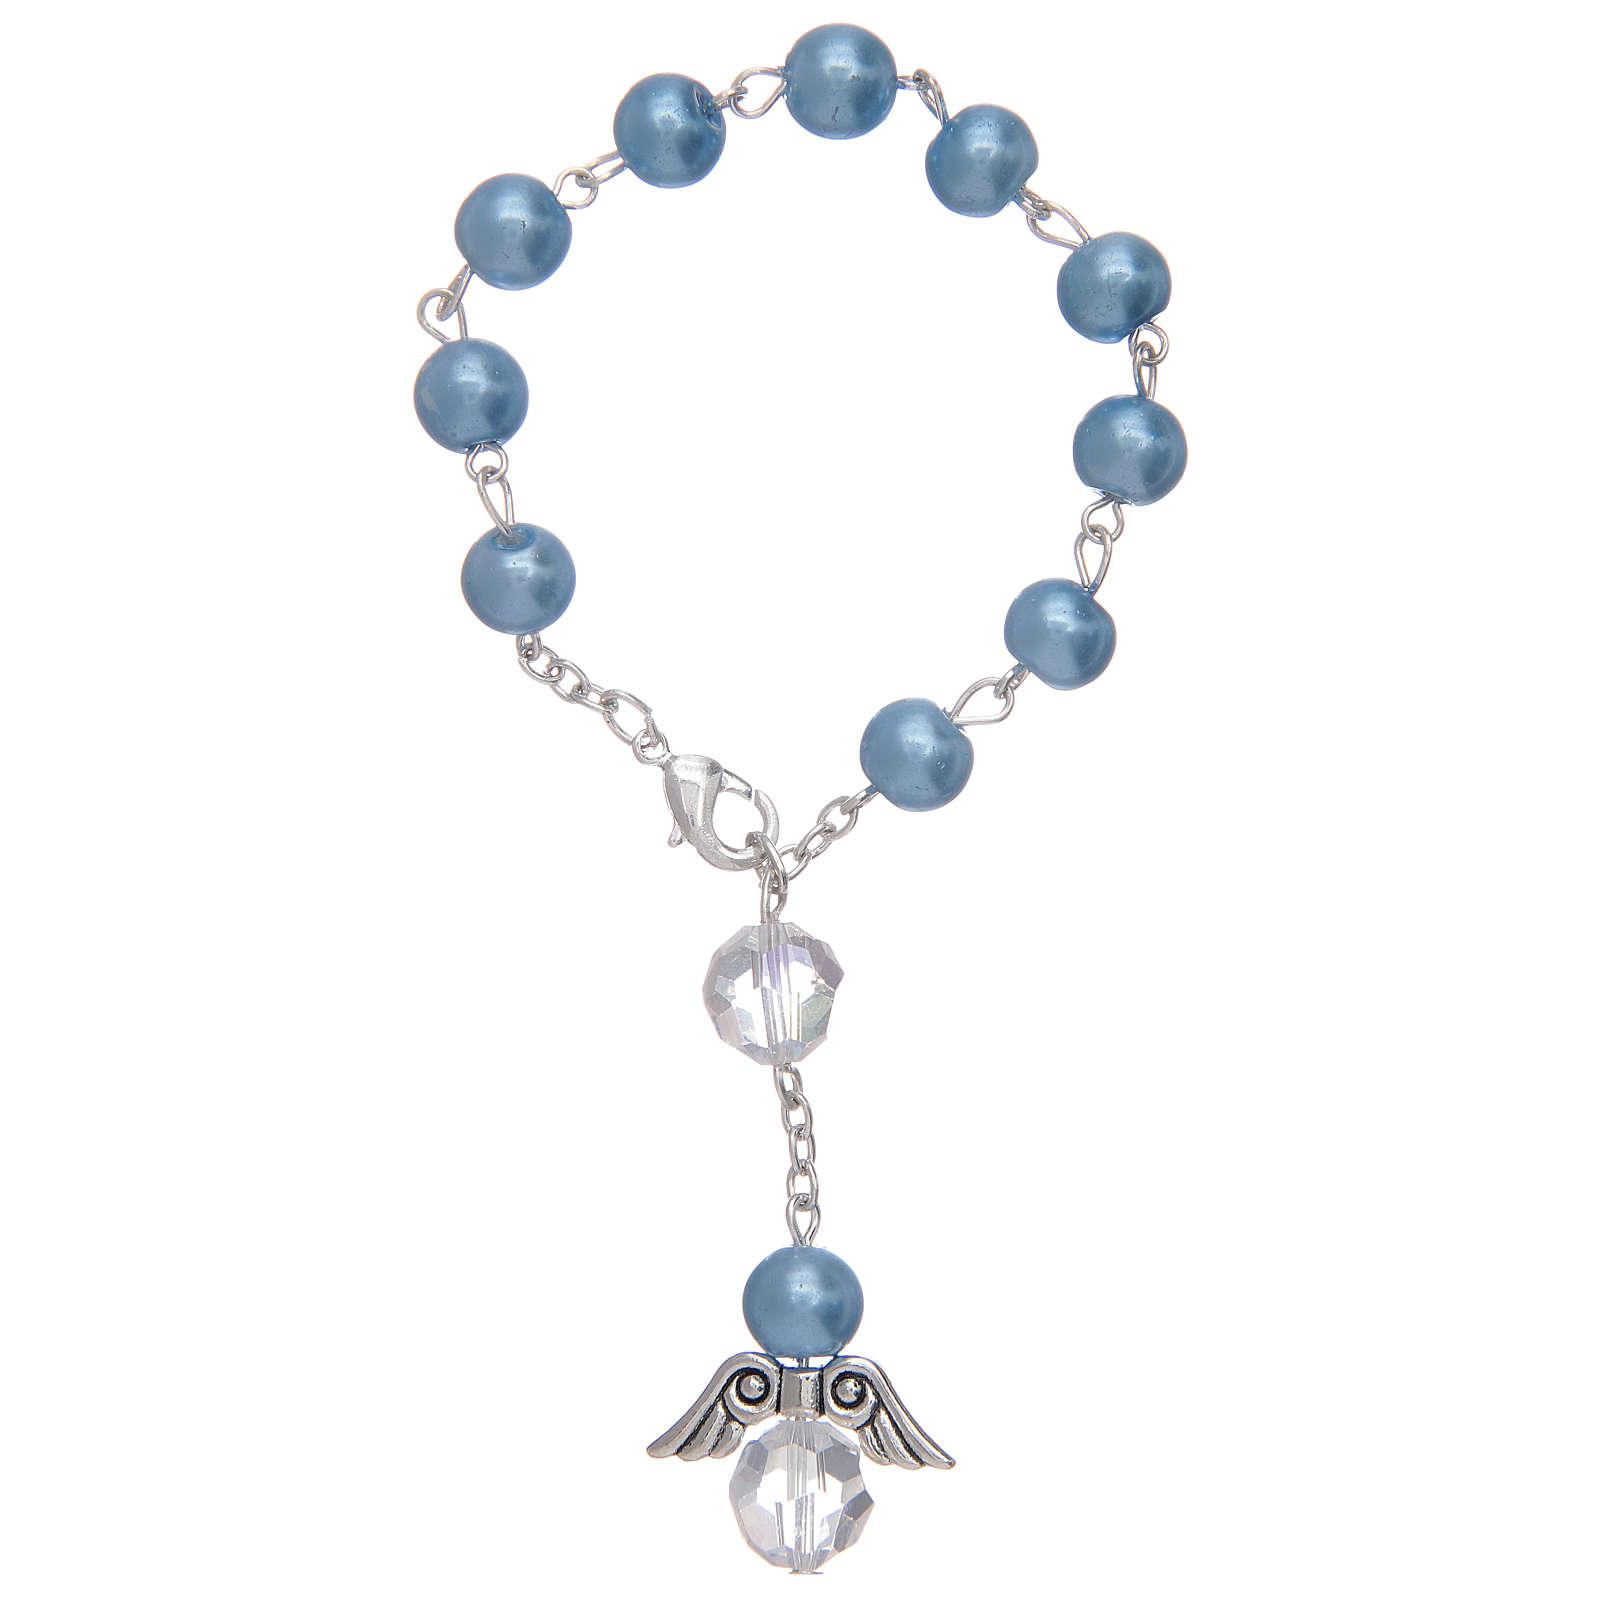 Dezena com anjo em vidro imitação madrepérola azul e cristal 4